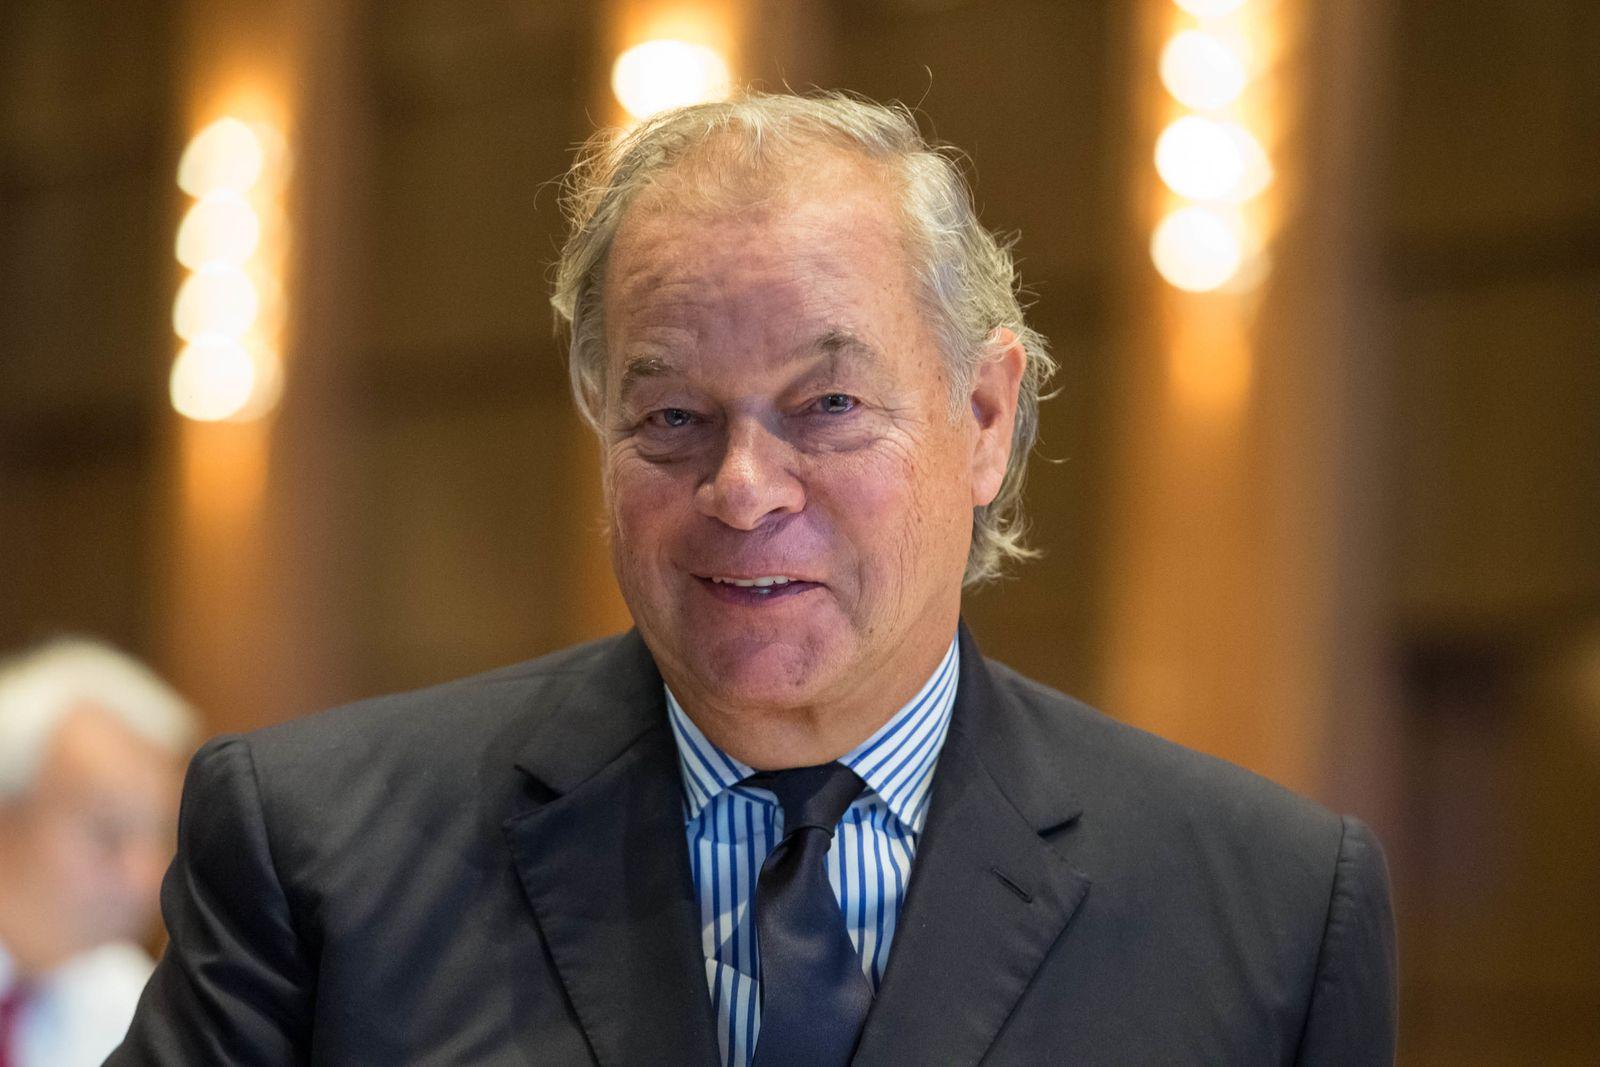 Clemens Vedder